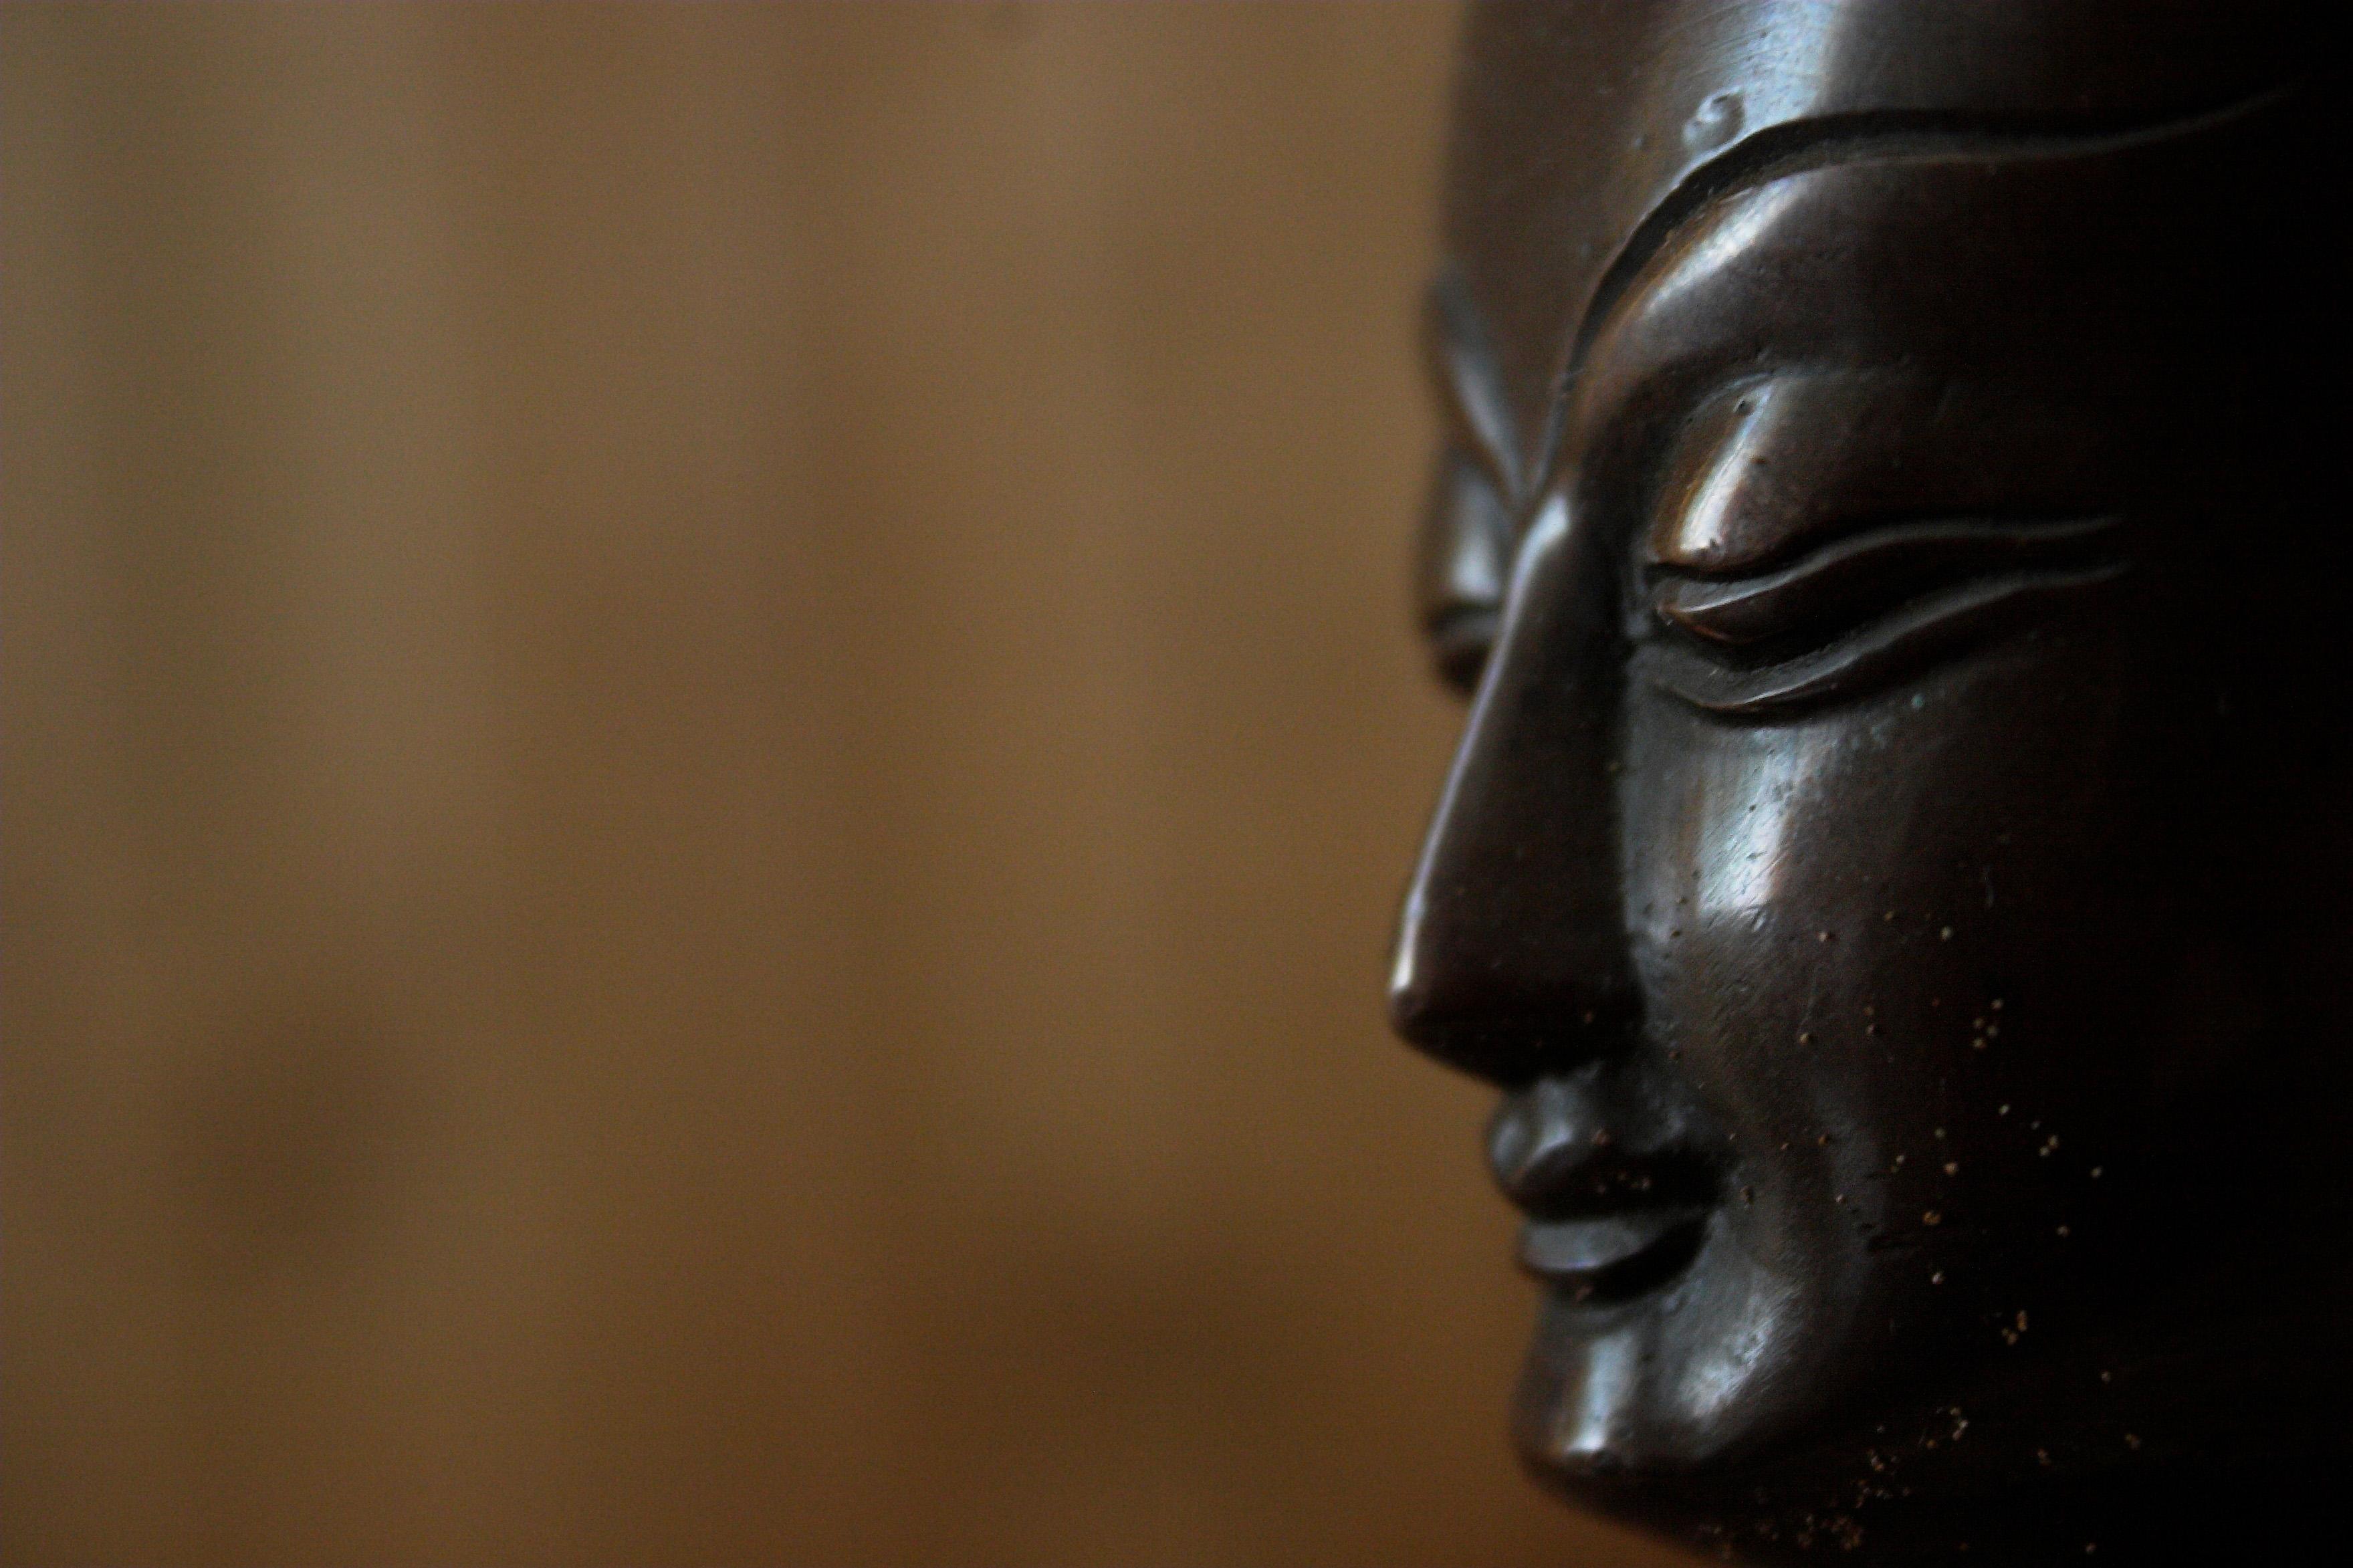 Mediation or meditation?